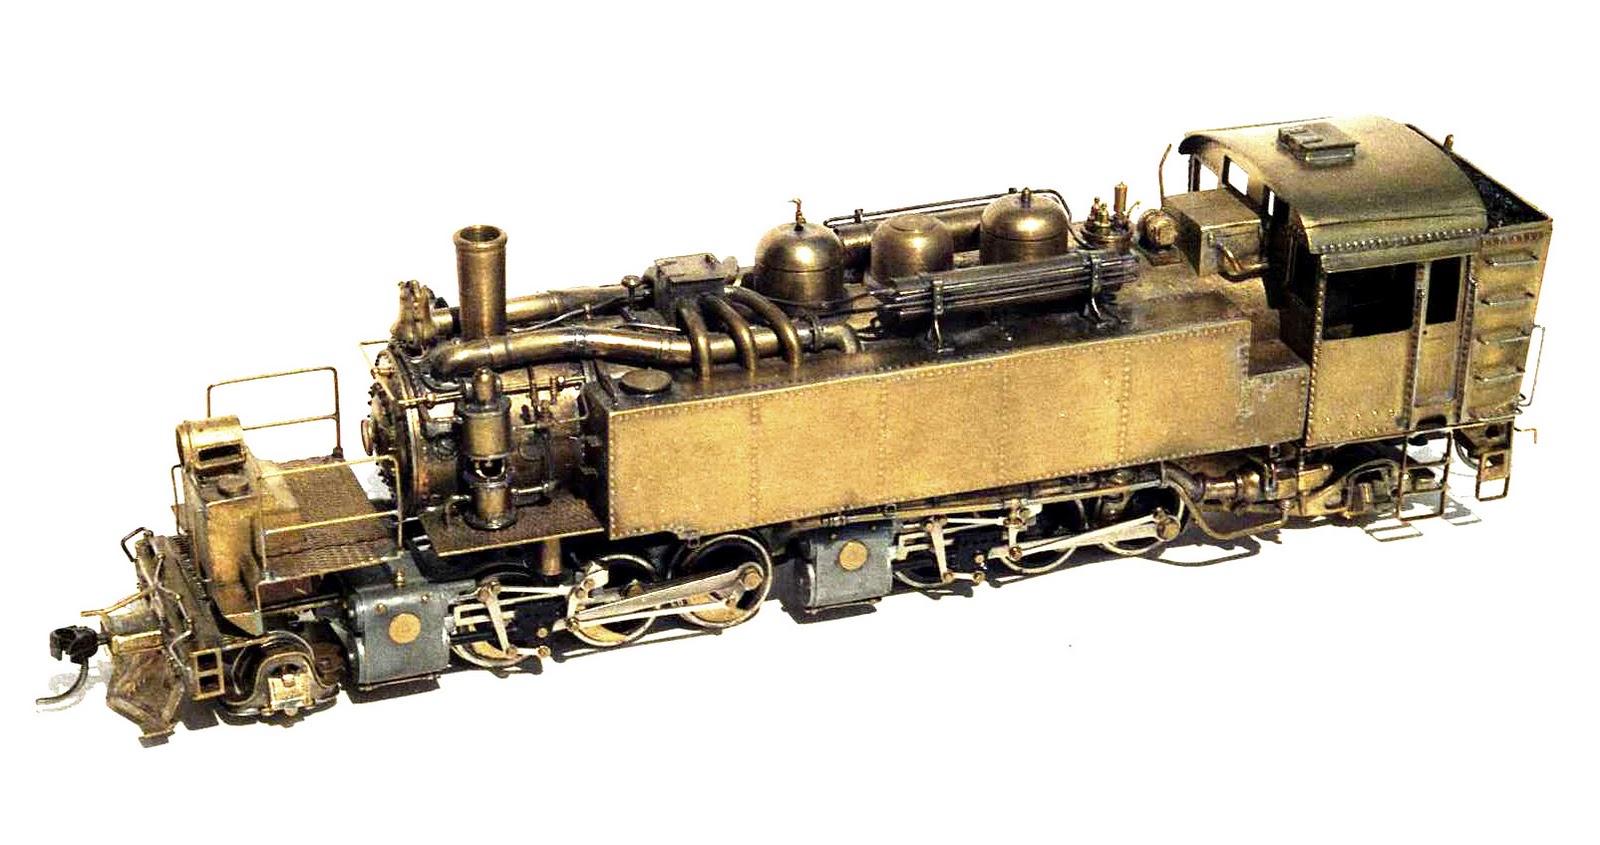 uintah machine